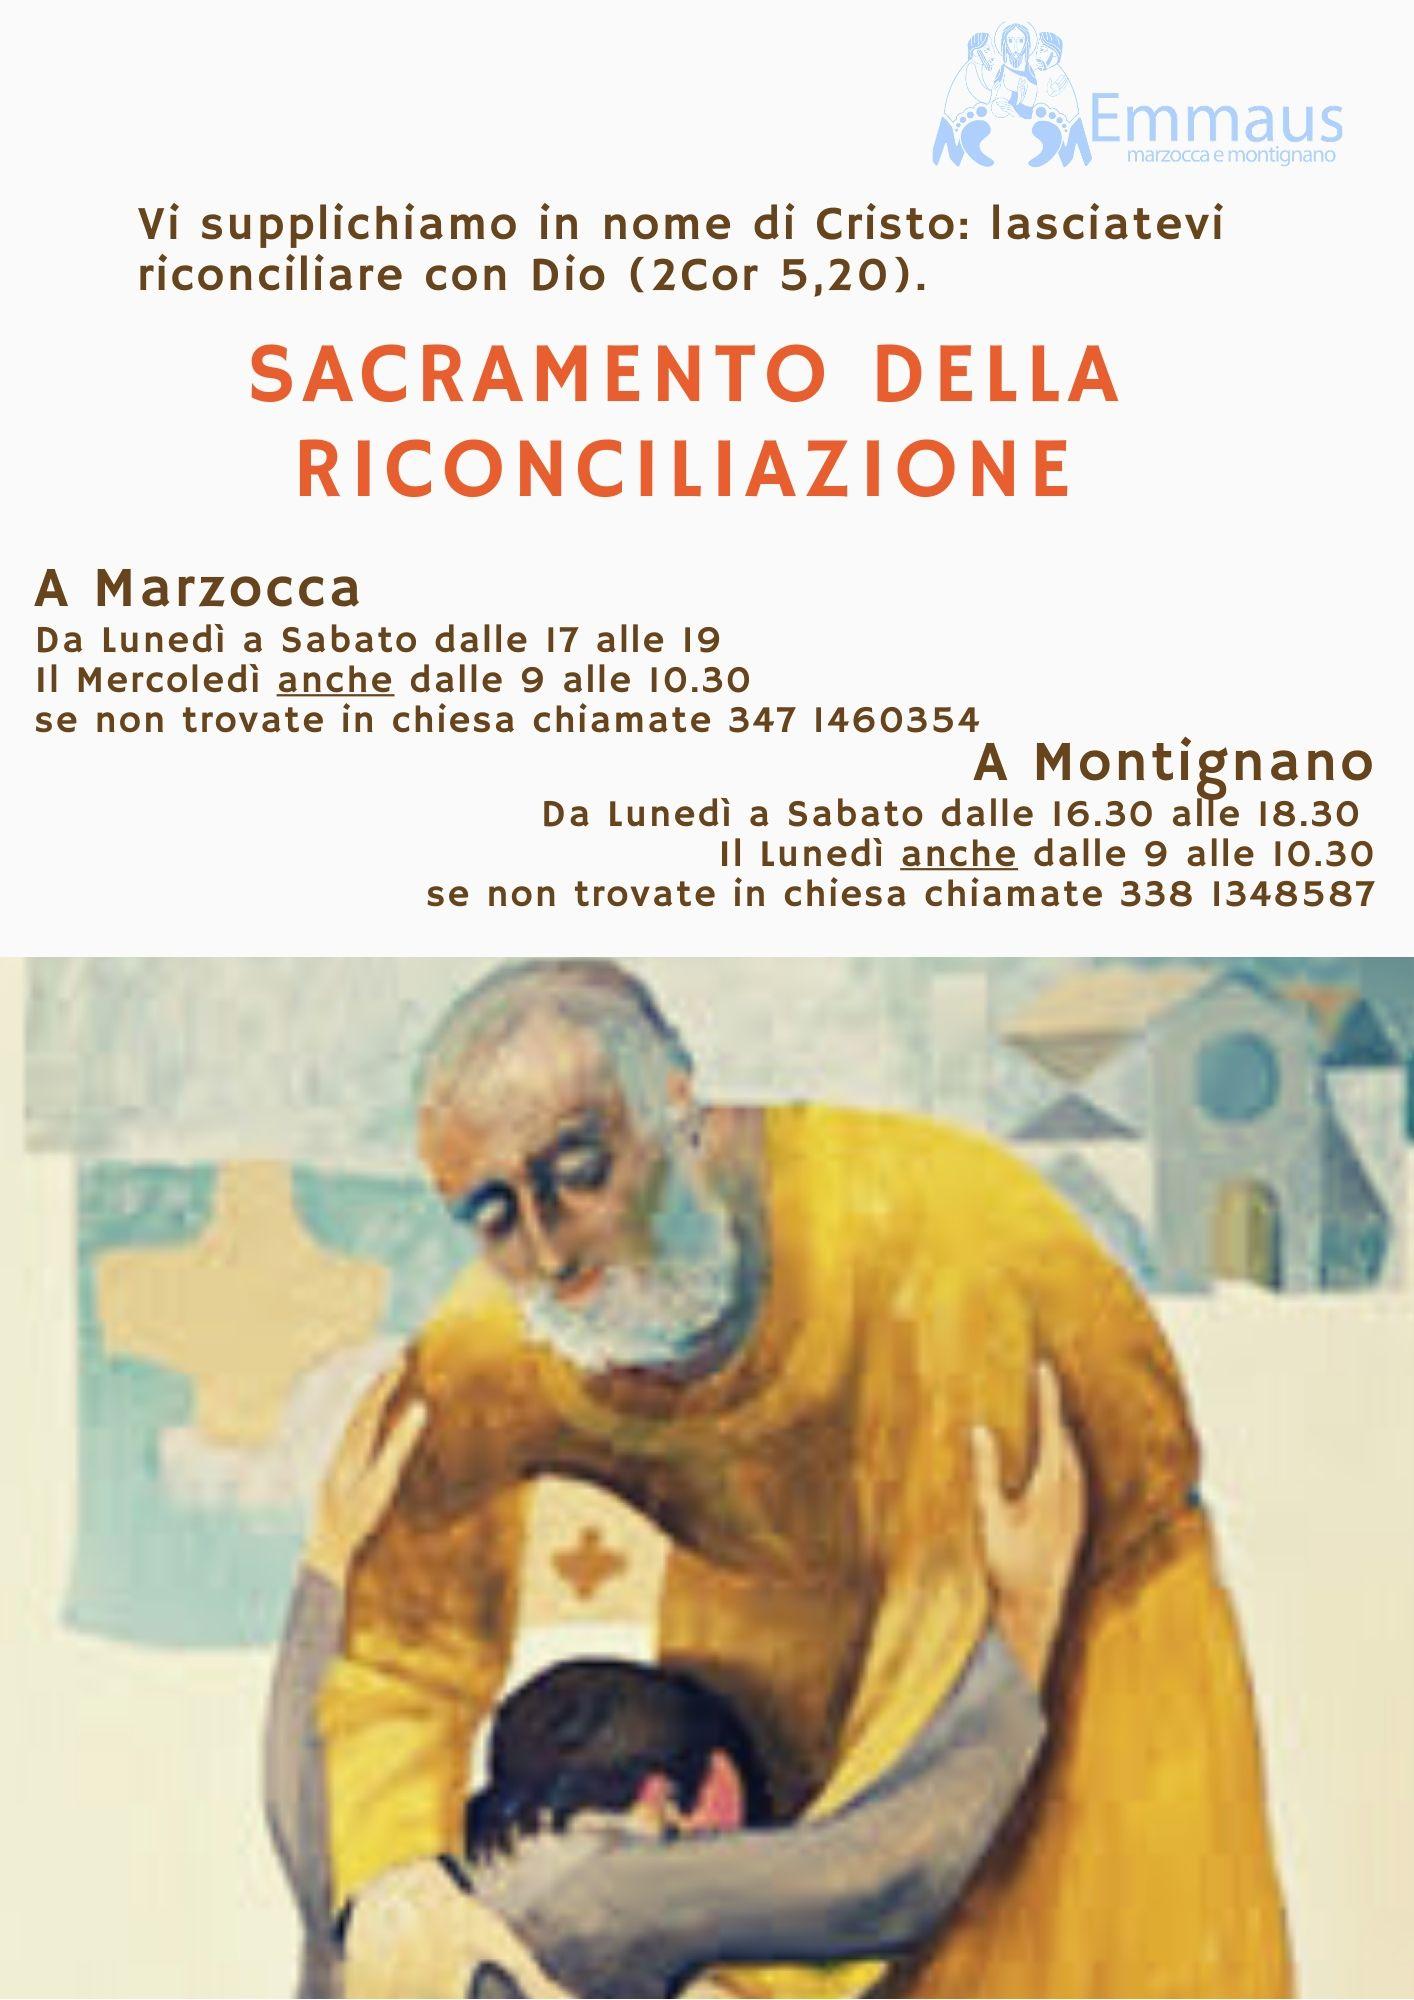 Confessioni e Sacramento della Riconciliazione